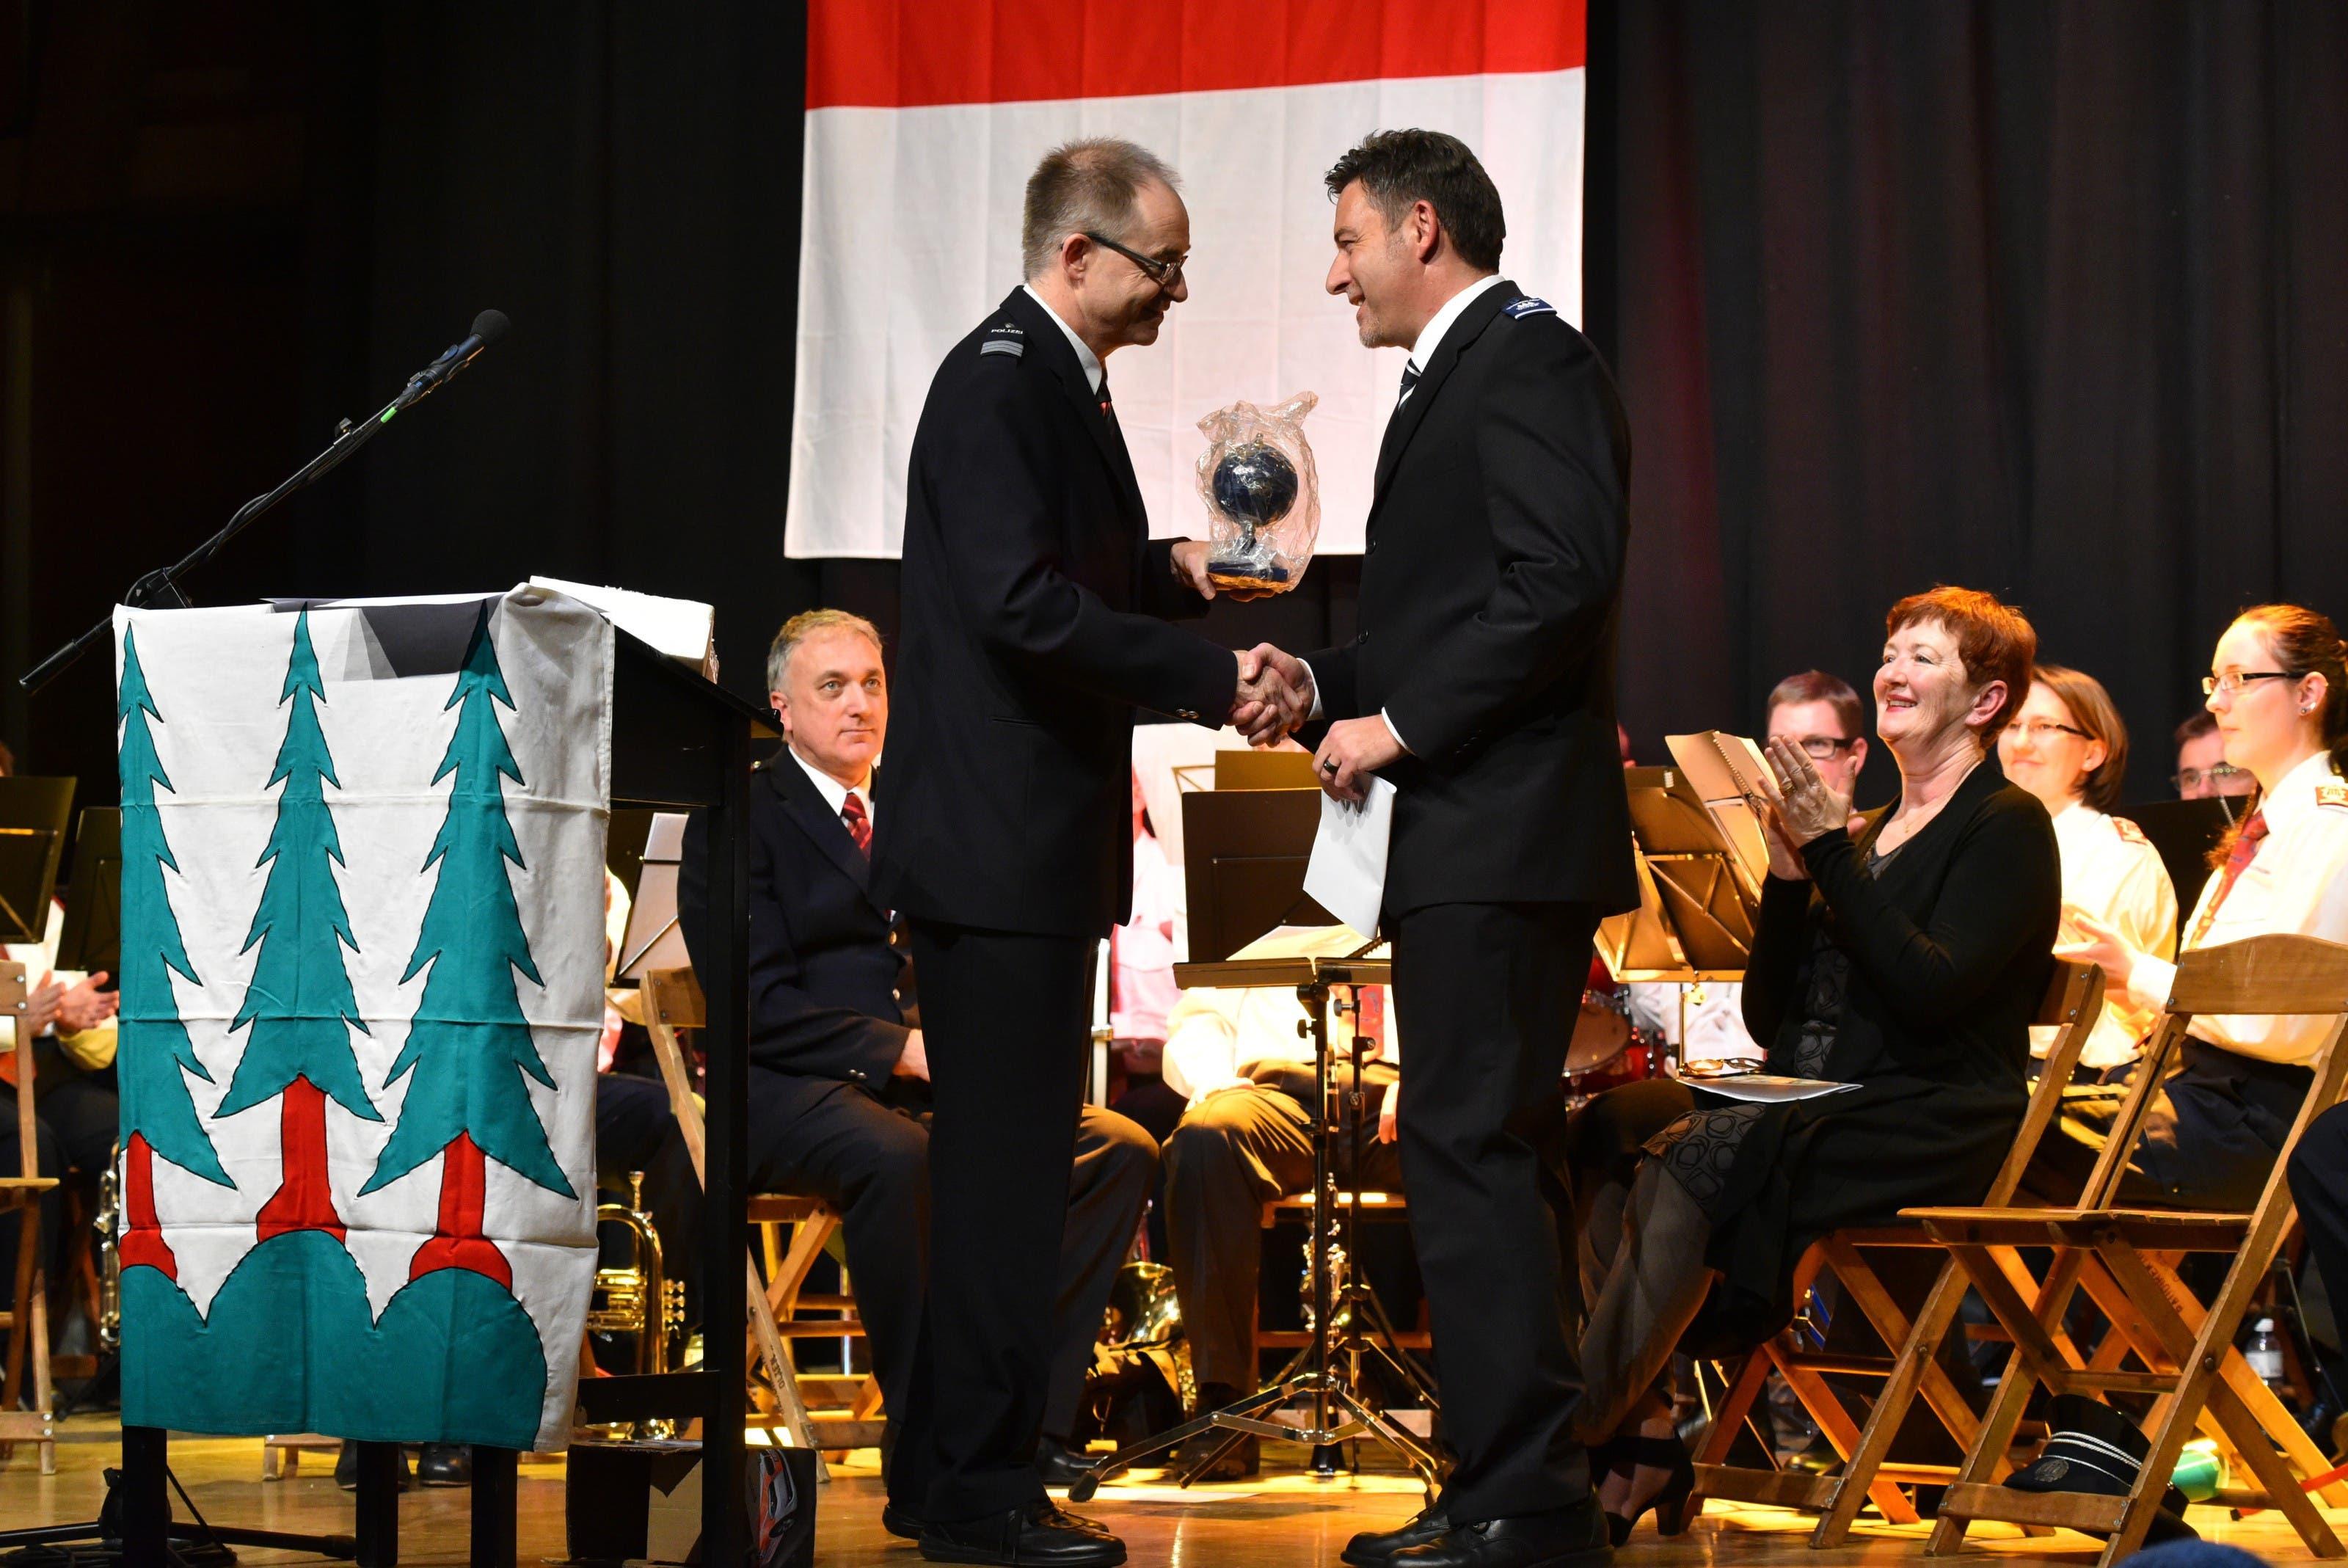 Kantonspolizei-Kommandant Thomas Zuber und Daniel Bürki